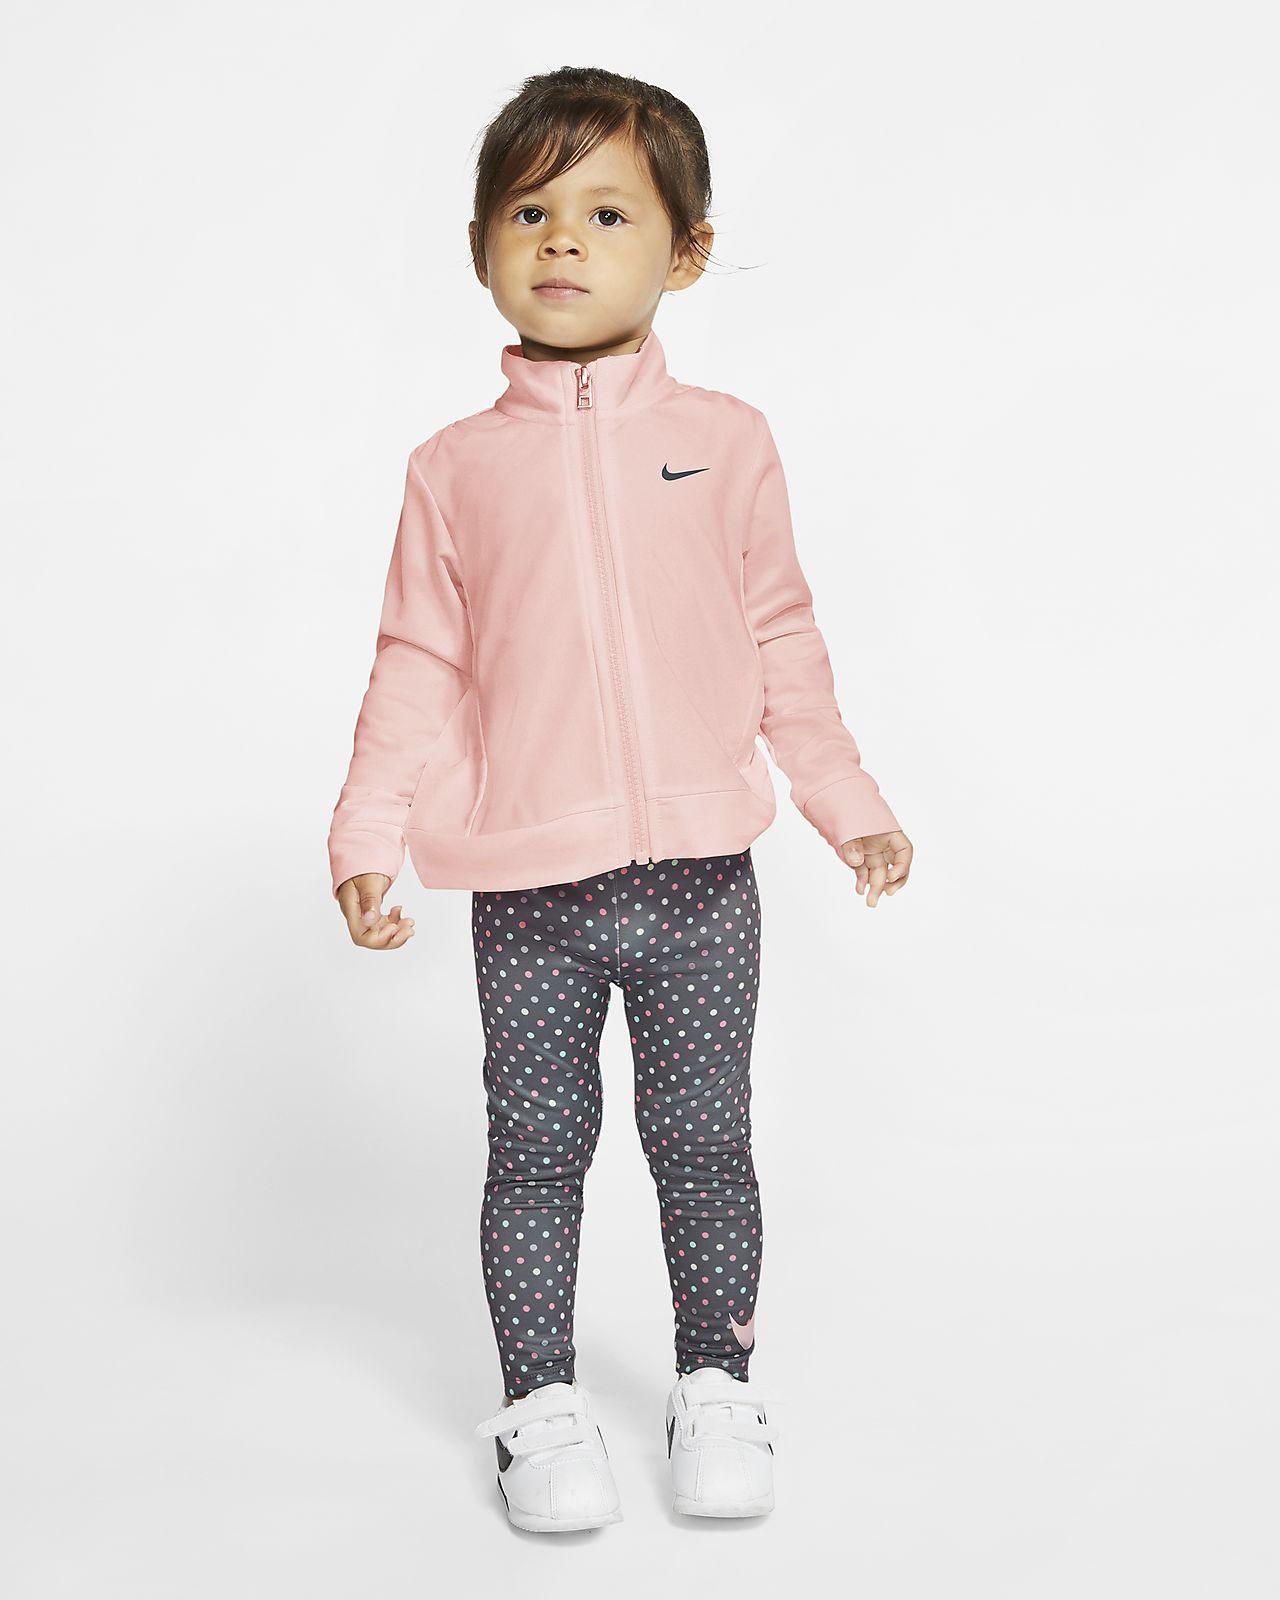 Nike Baby (12-24M) Jacket and Leggings Set